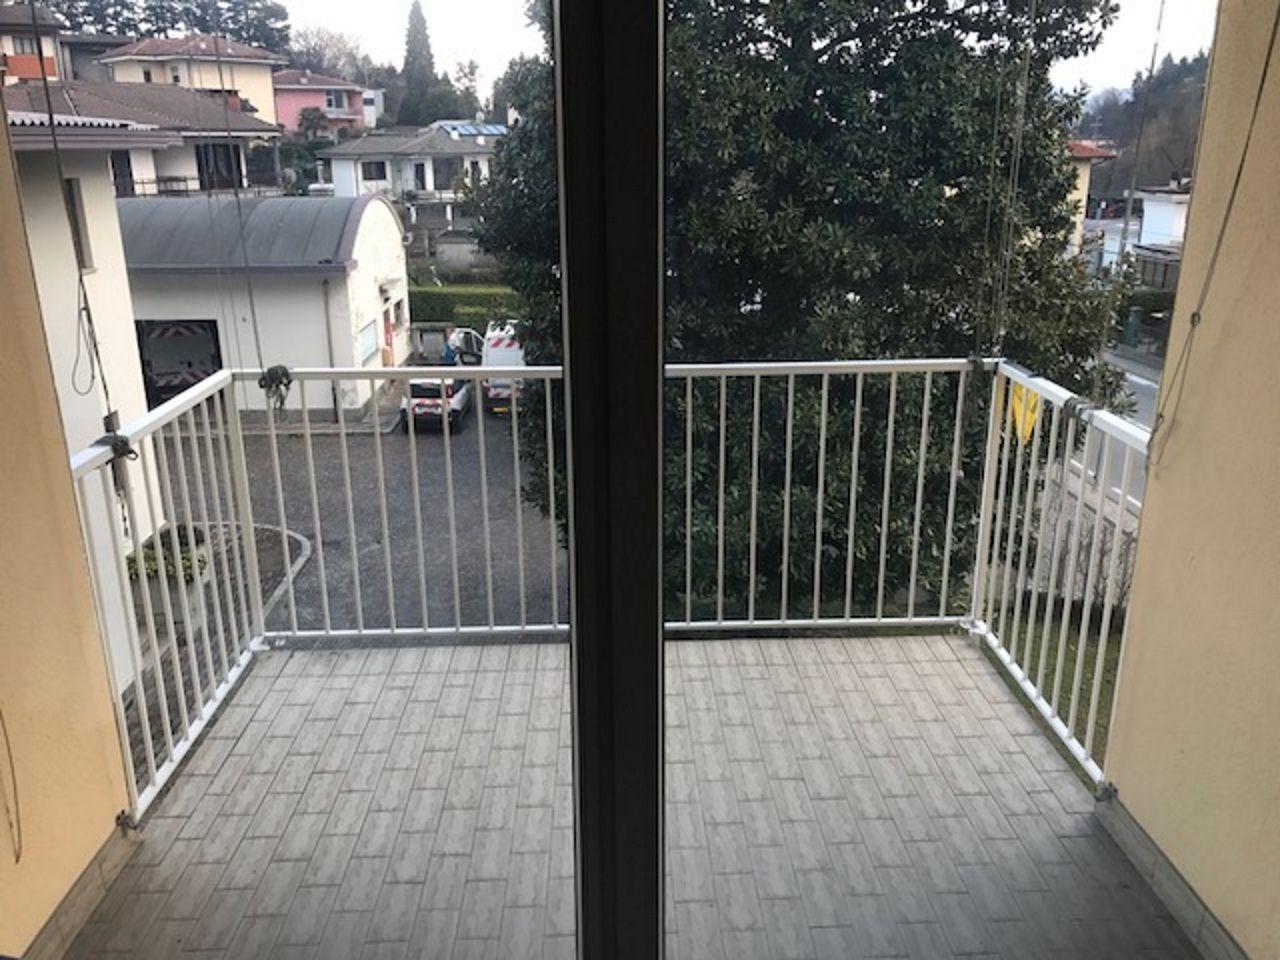 Verbania Intra appartamento con terrazzo AA2851